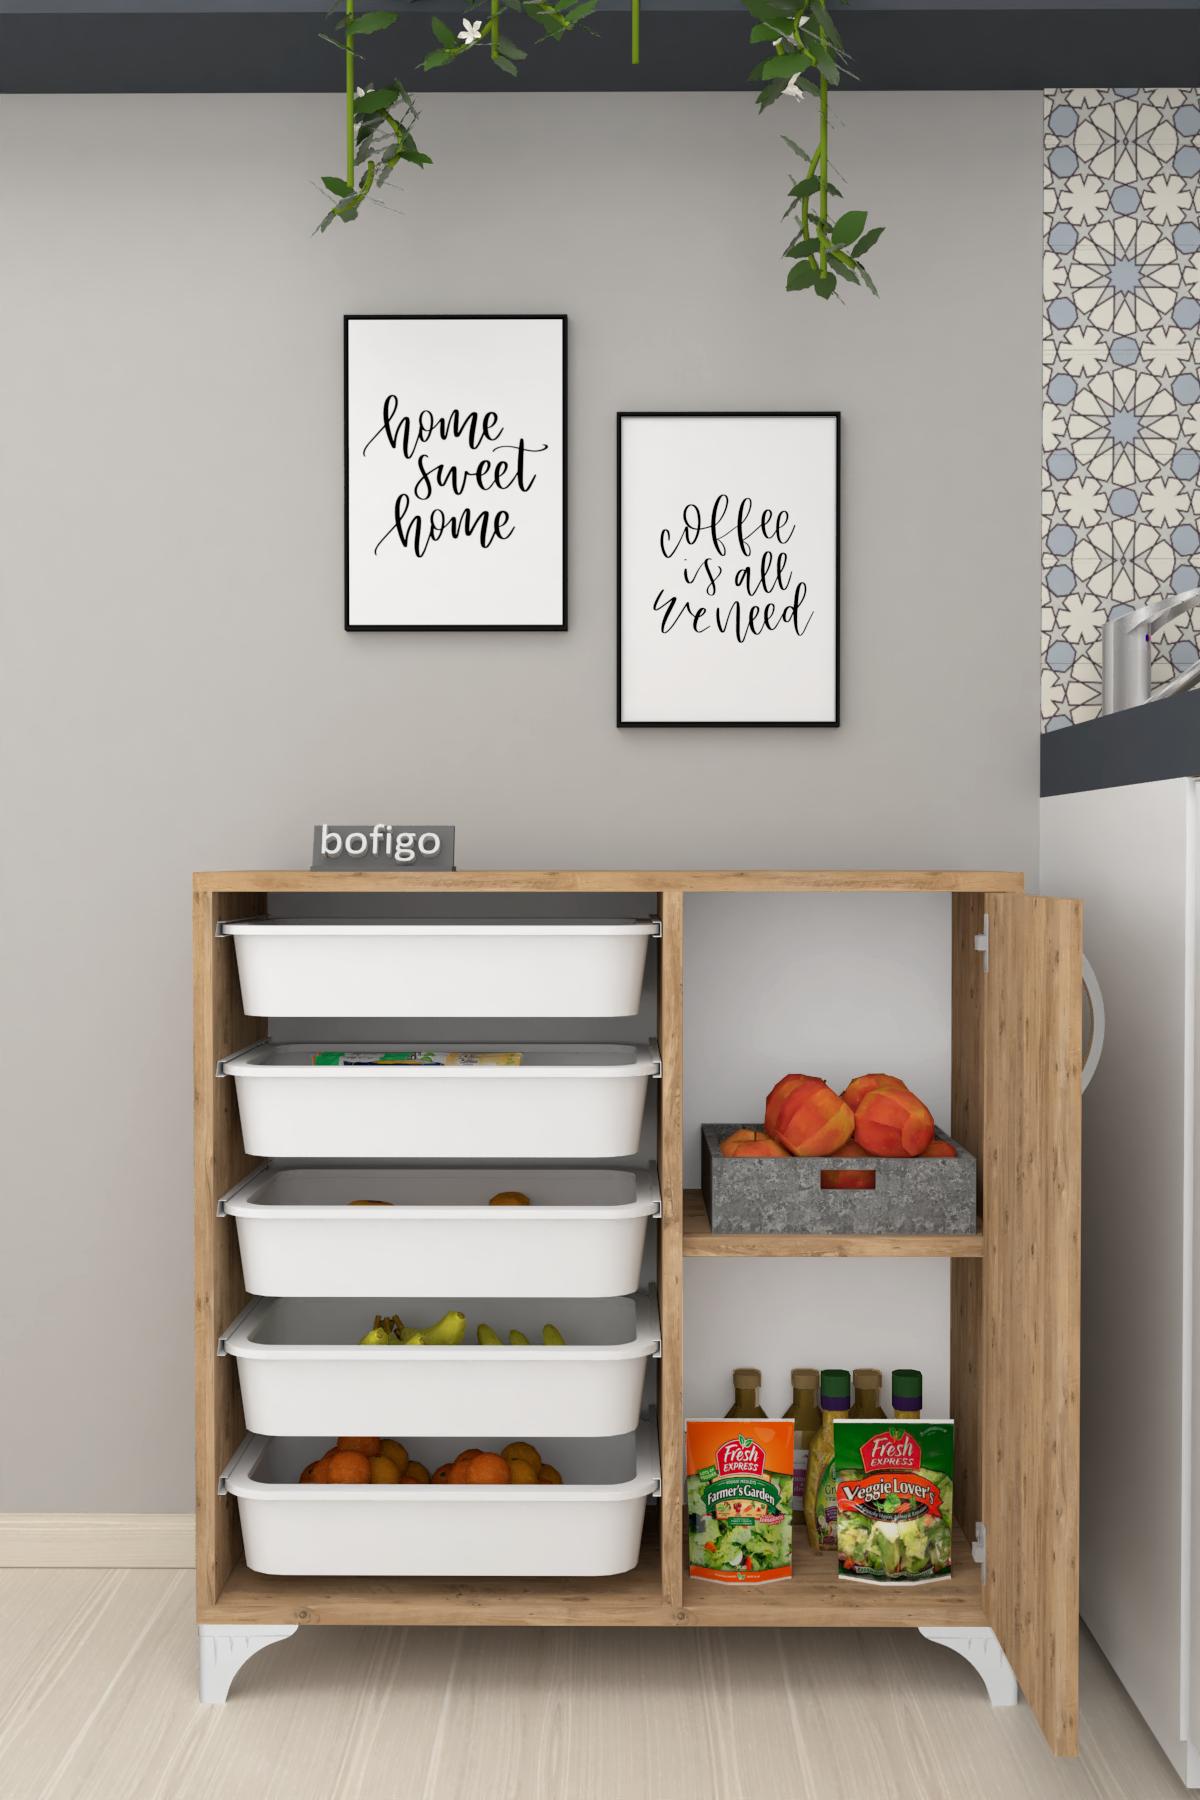 Bofigo 5 Basket Kitchen Cabinet Multi-Purpose Cabinet Crisper Pine